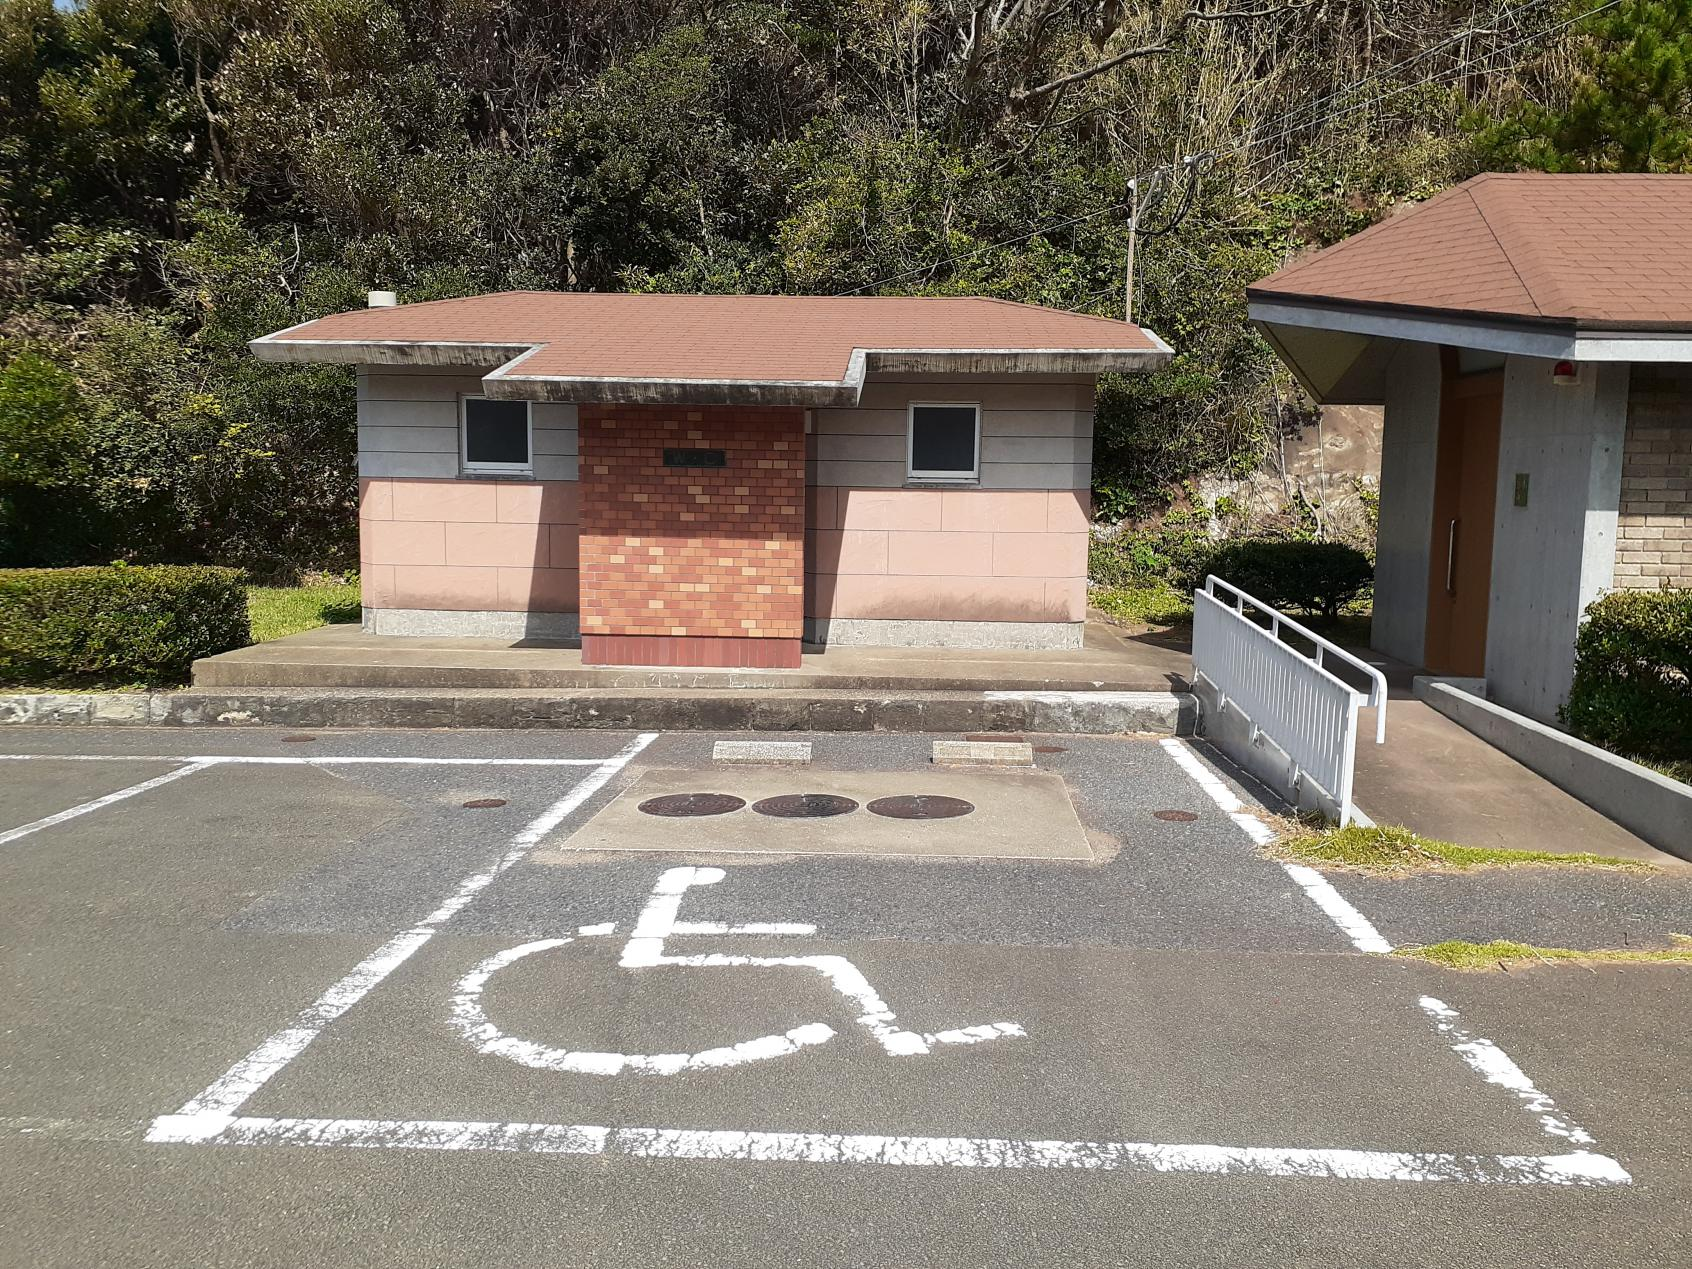 バリアフリー駐車スペースとトイレ-0